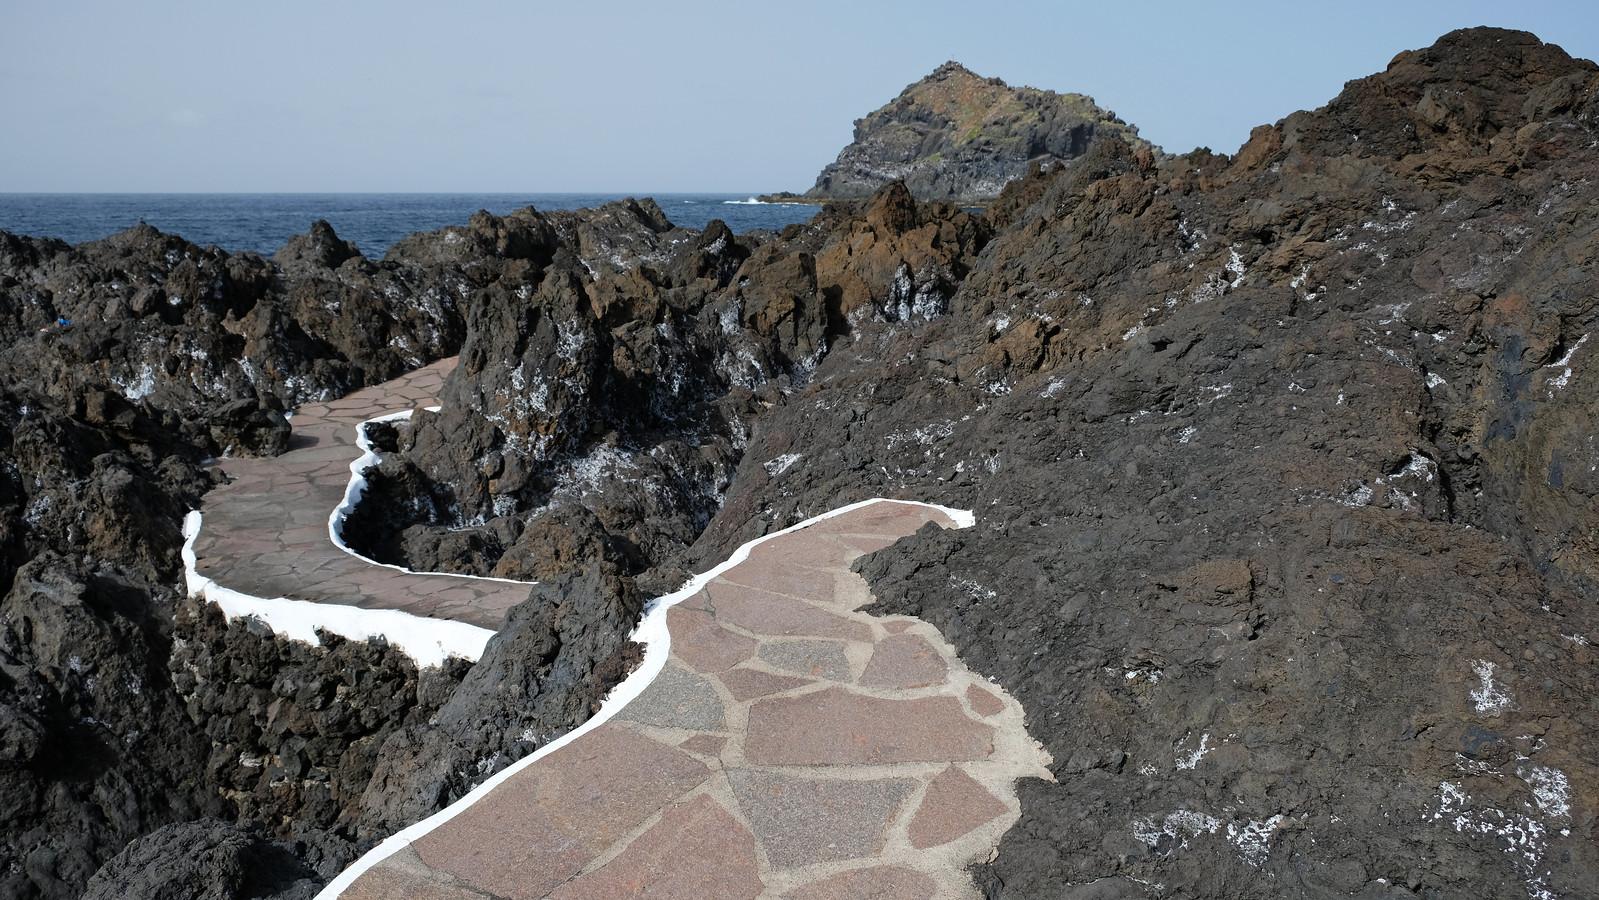 El Caletón de Garachico, Tenerife, Canary Islands, Spain